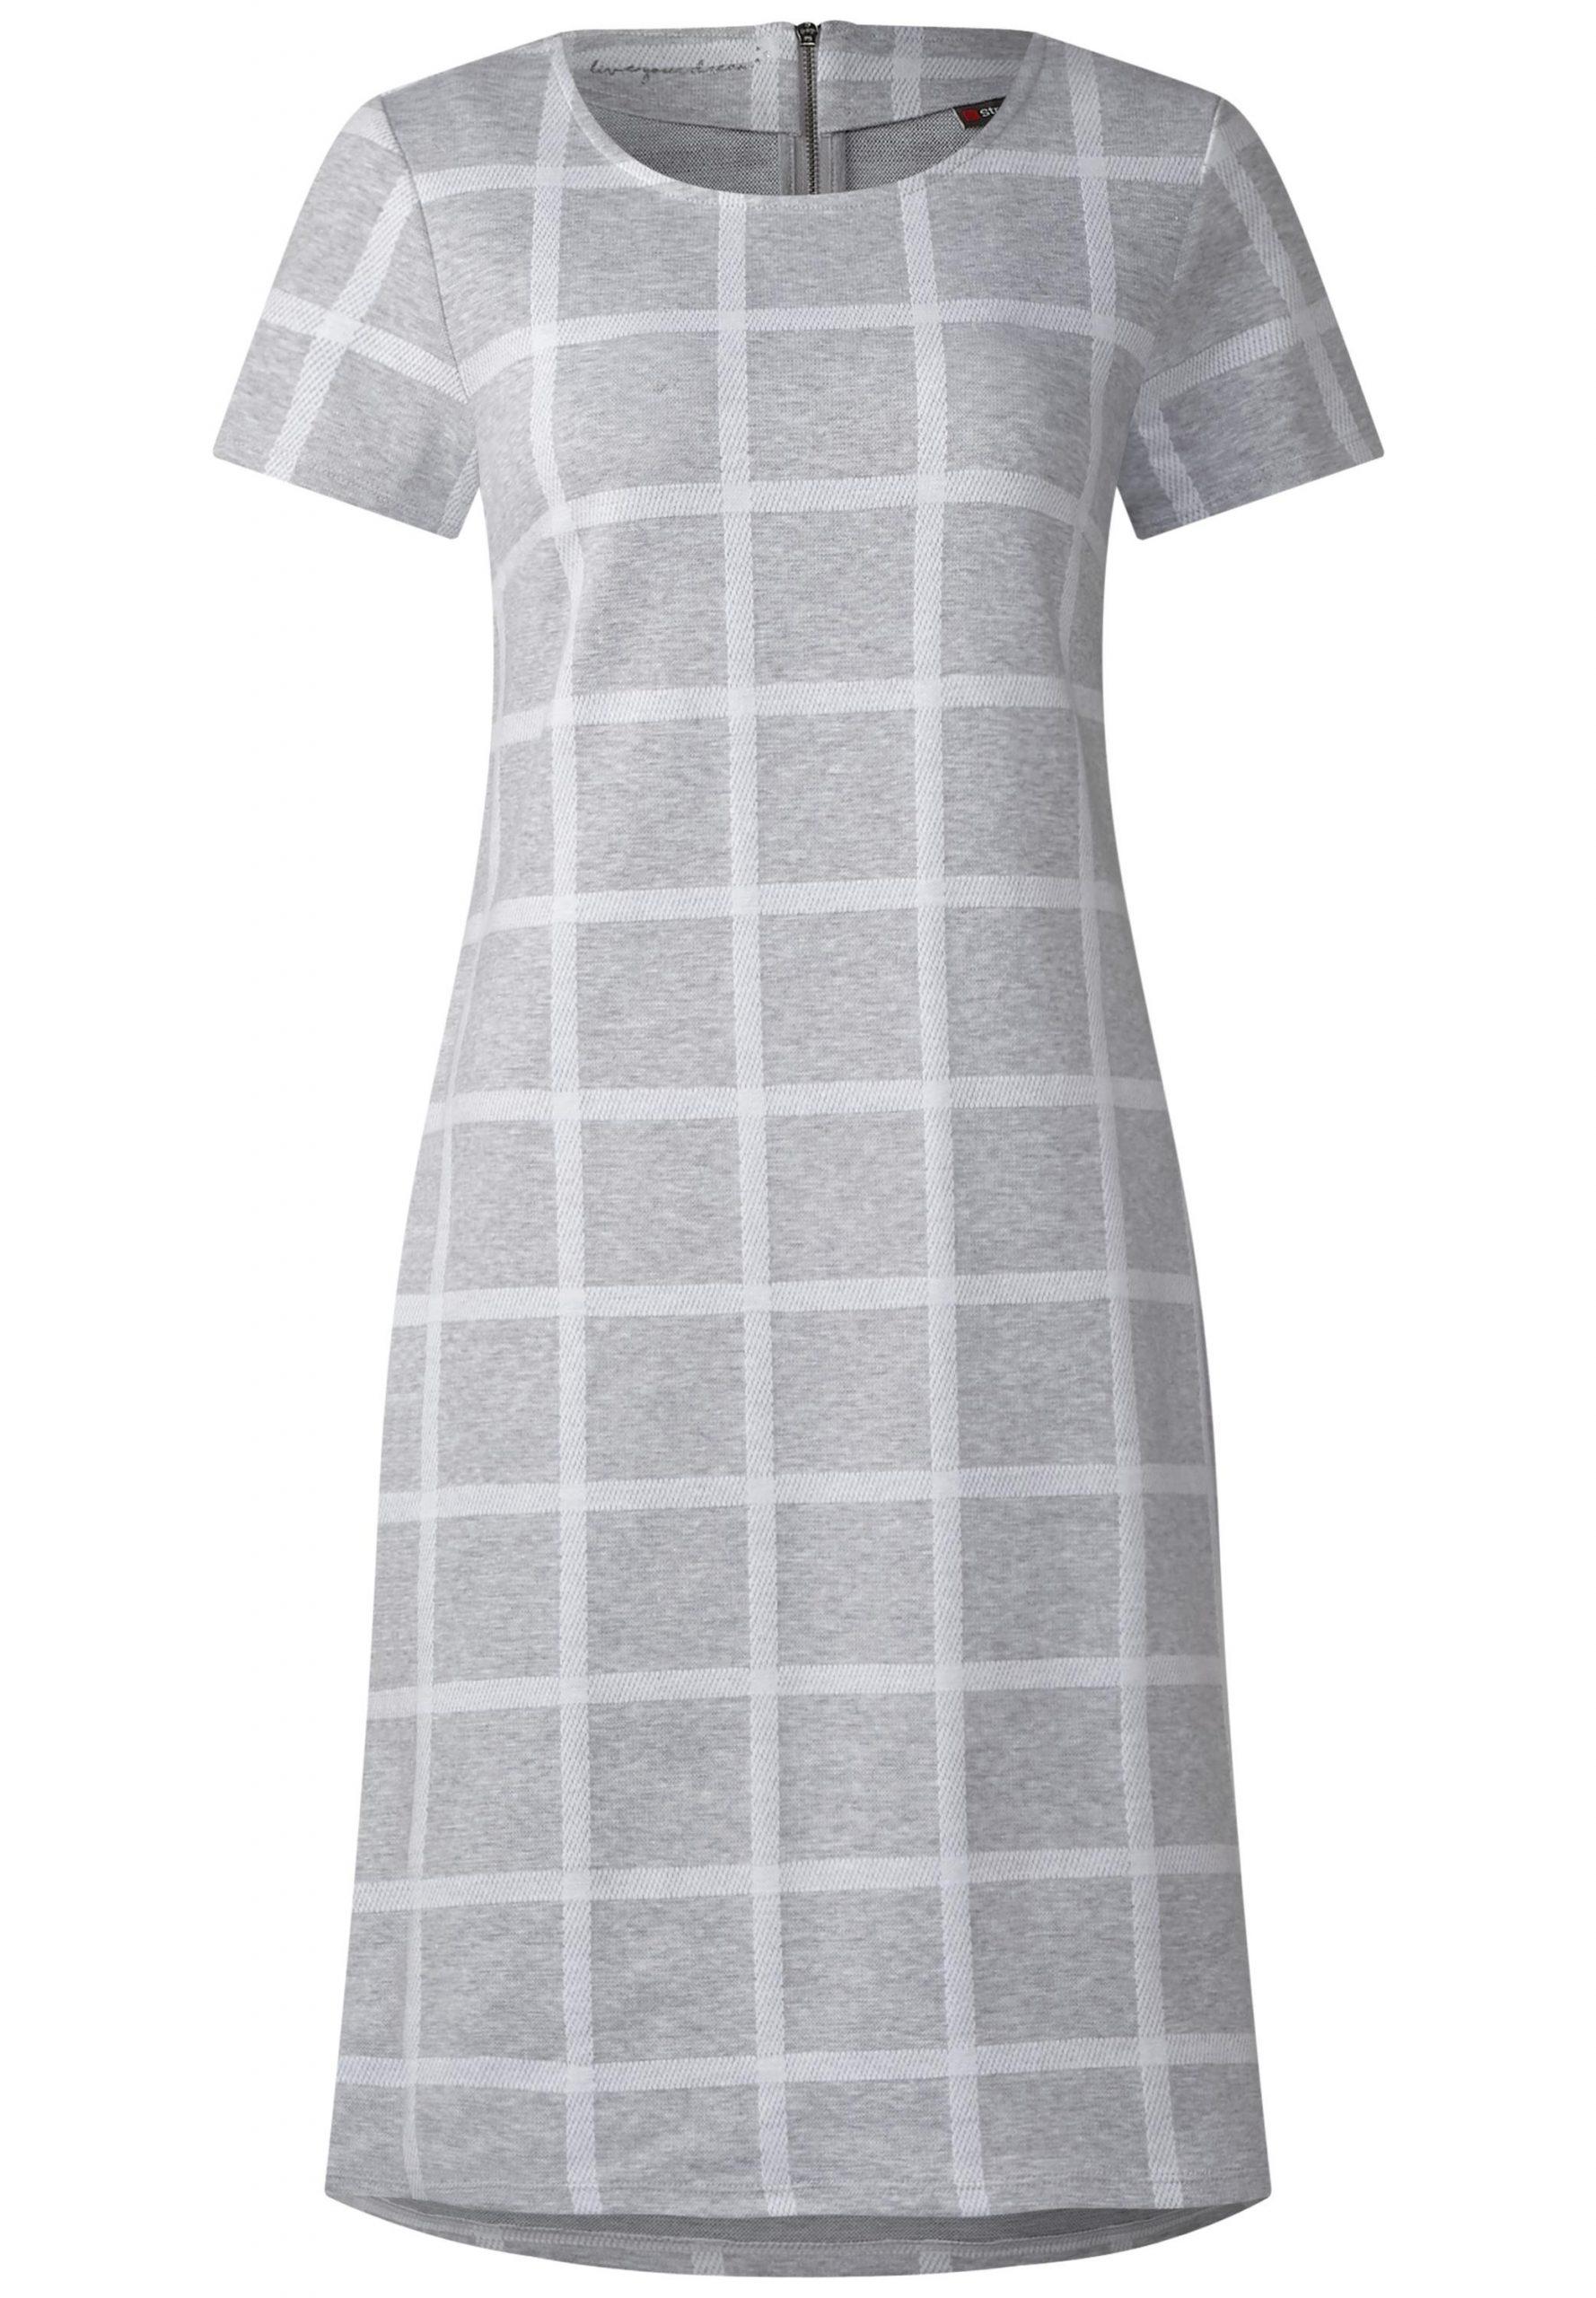 Sportliches Karo Kleid In Moon Grey Melange Von Street One